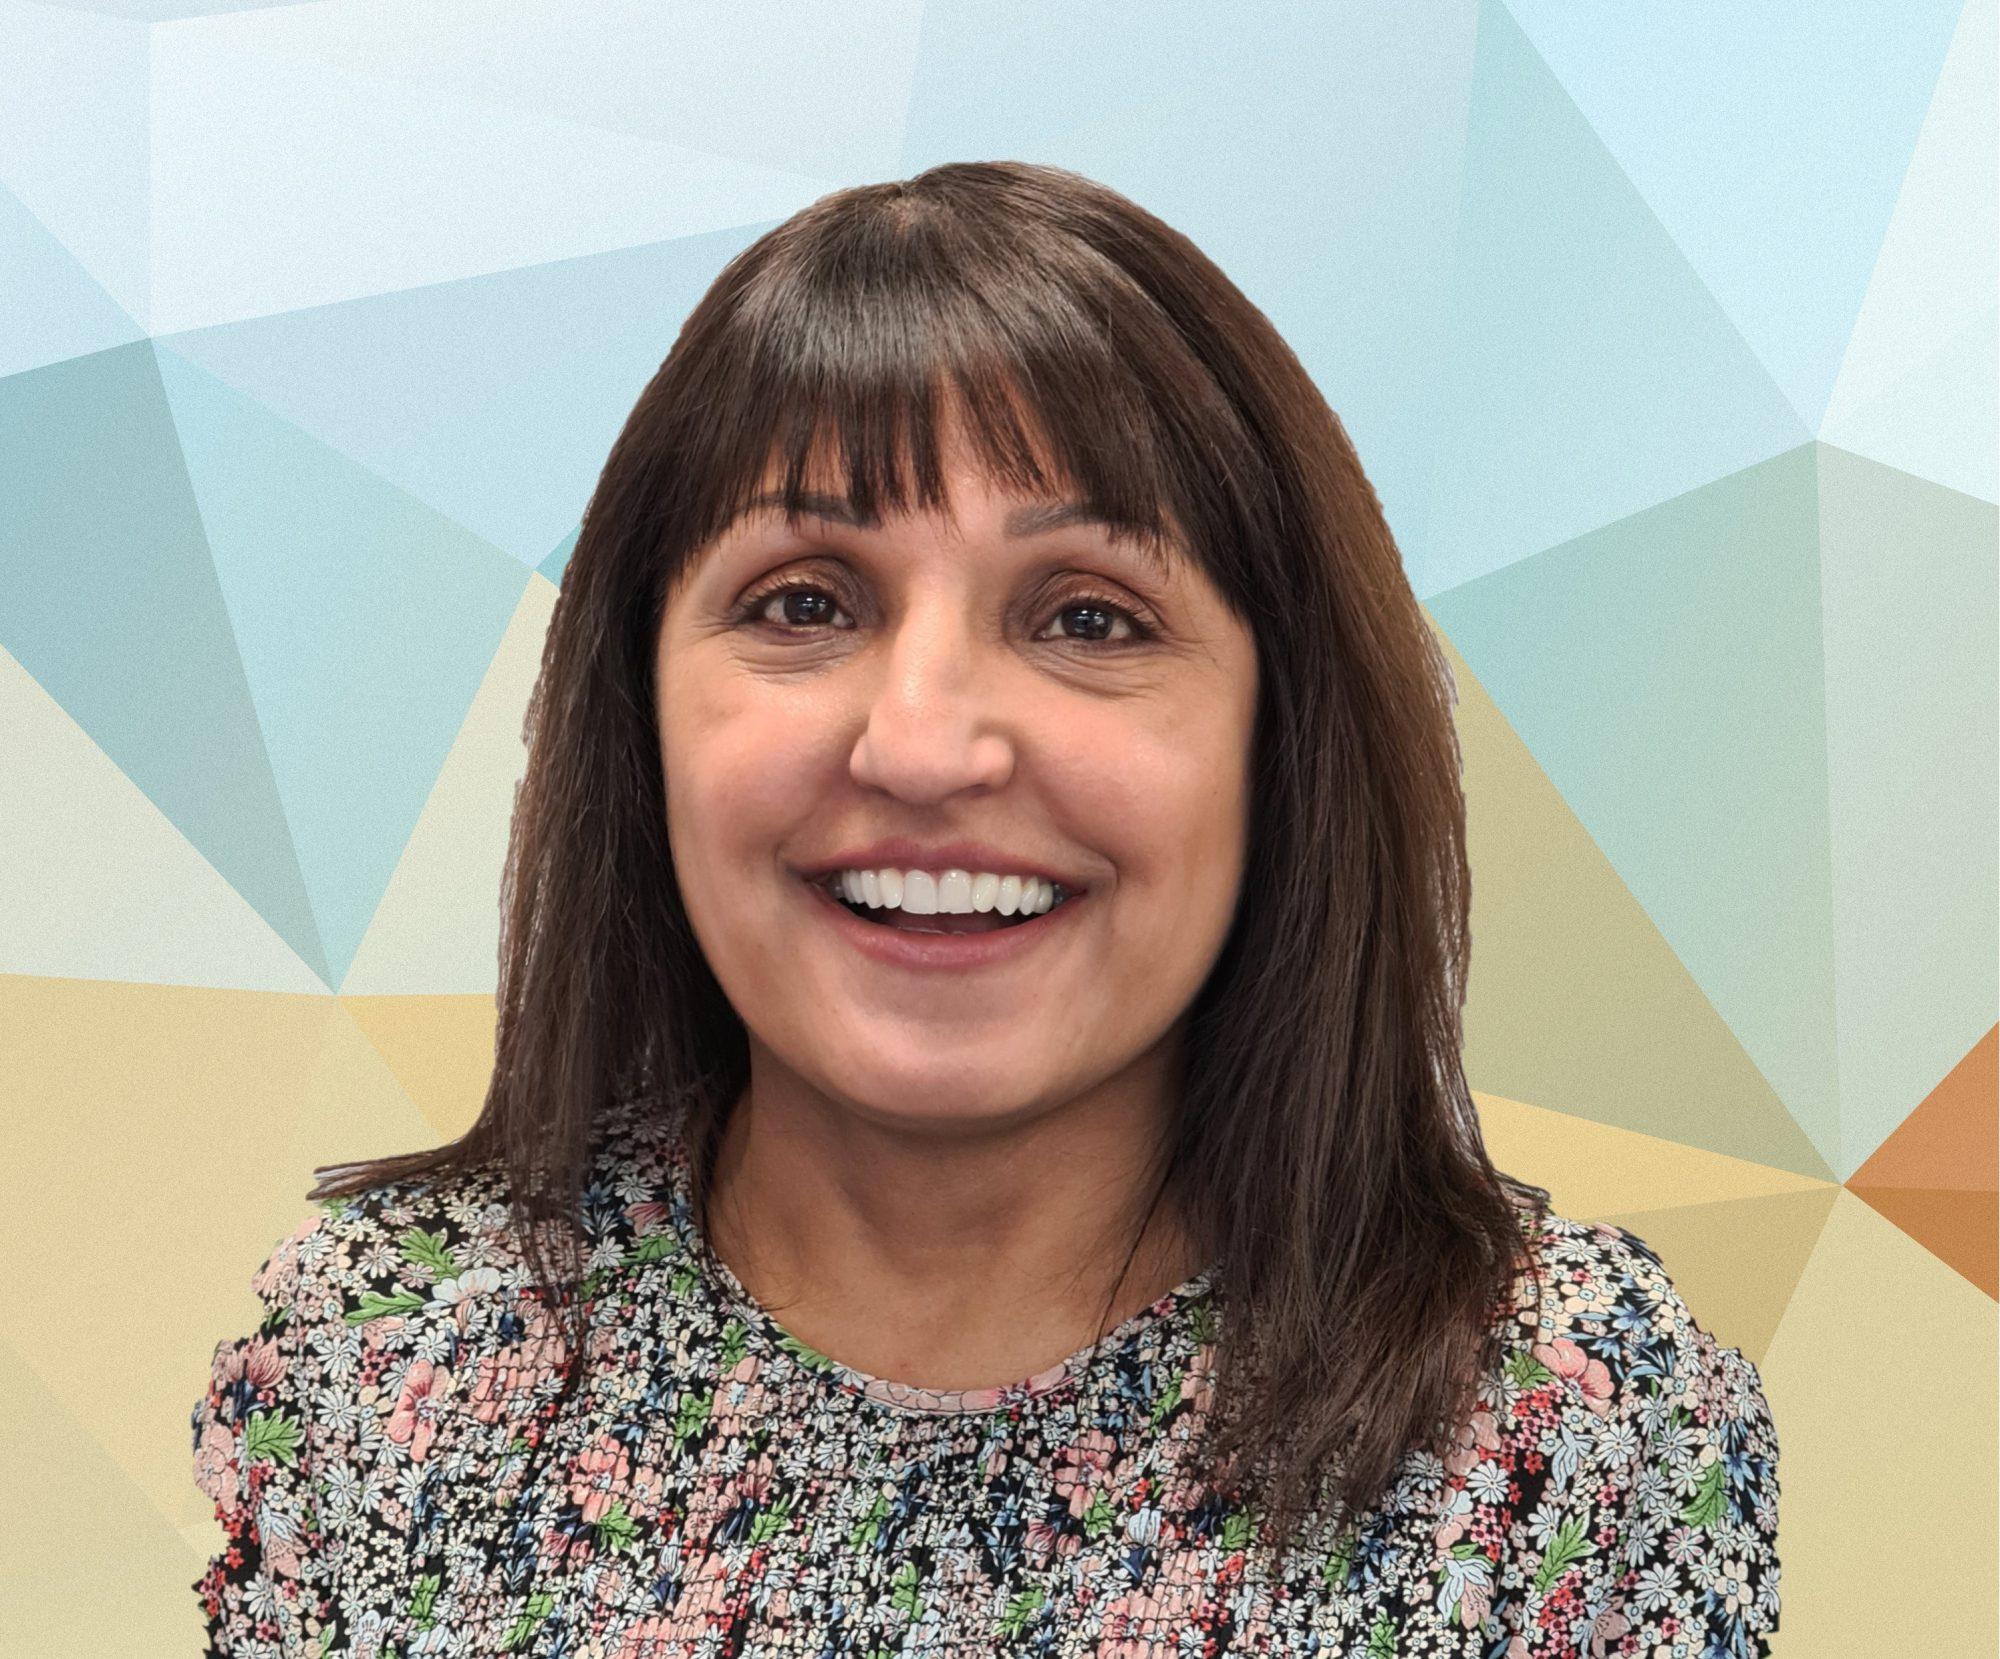 Sonya Patel